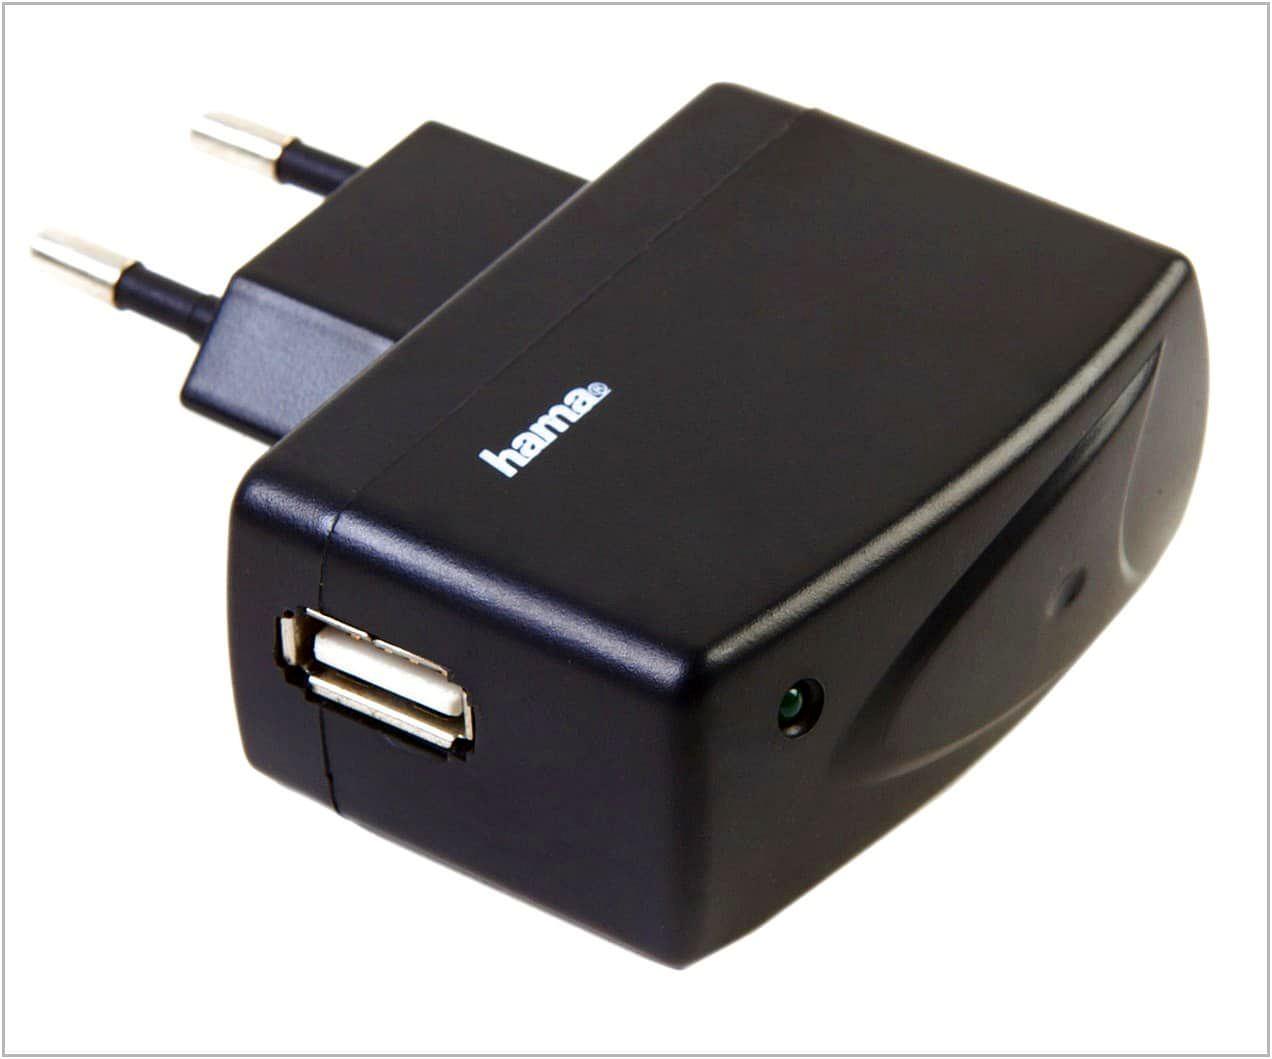 Зарядное устройство для Digma D700 HAMA H-54310